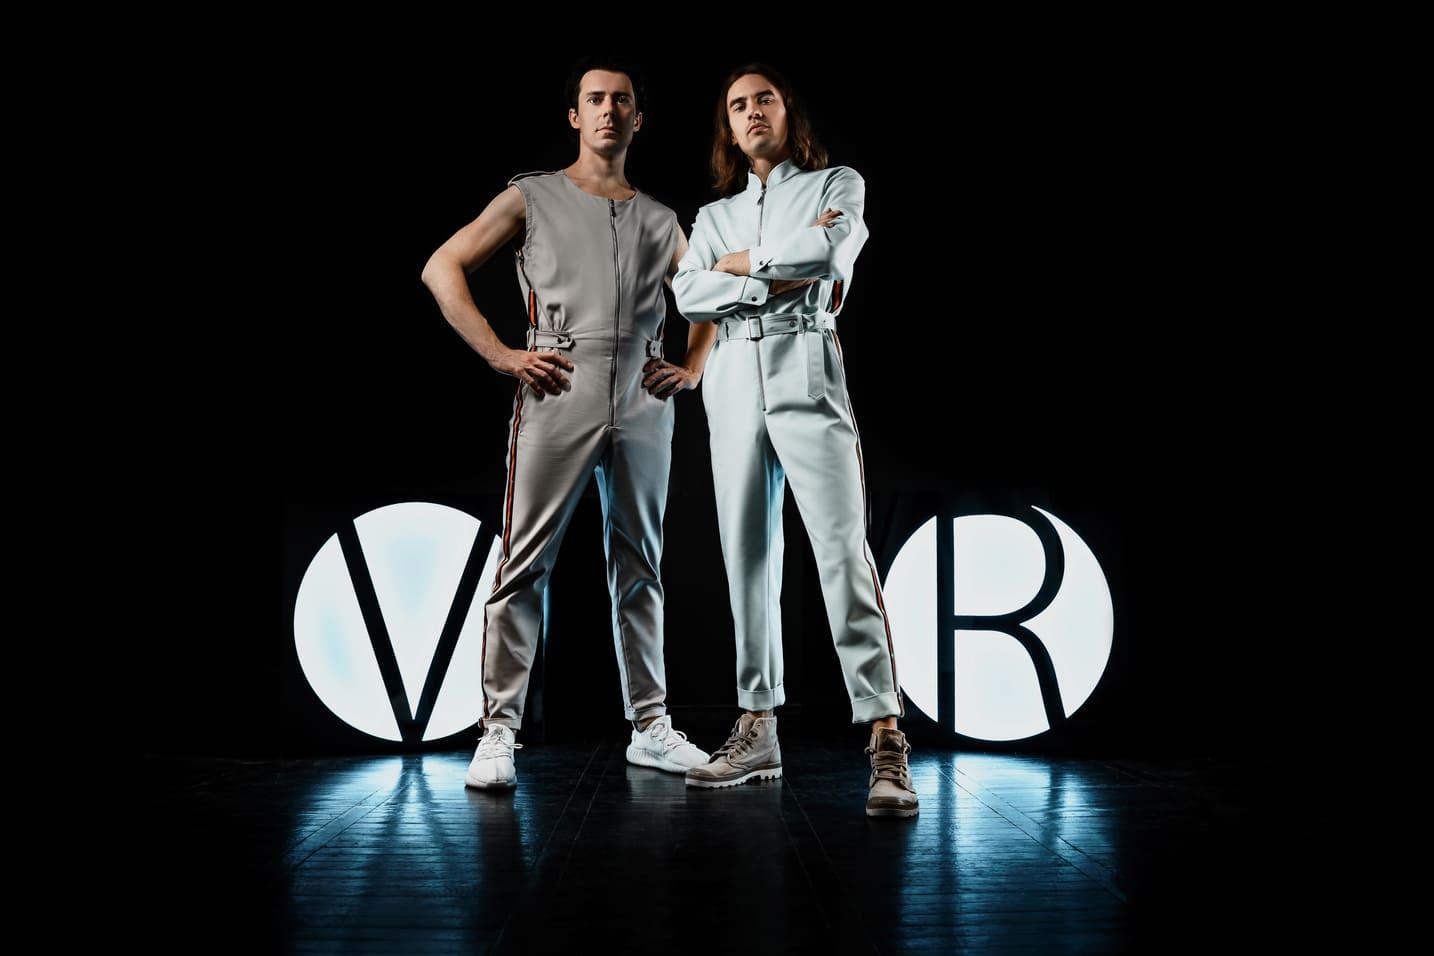 V&R MAIN (1)